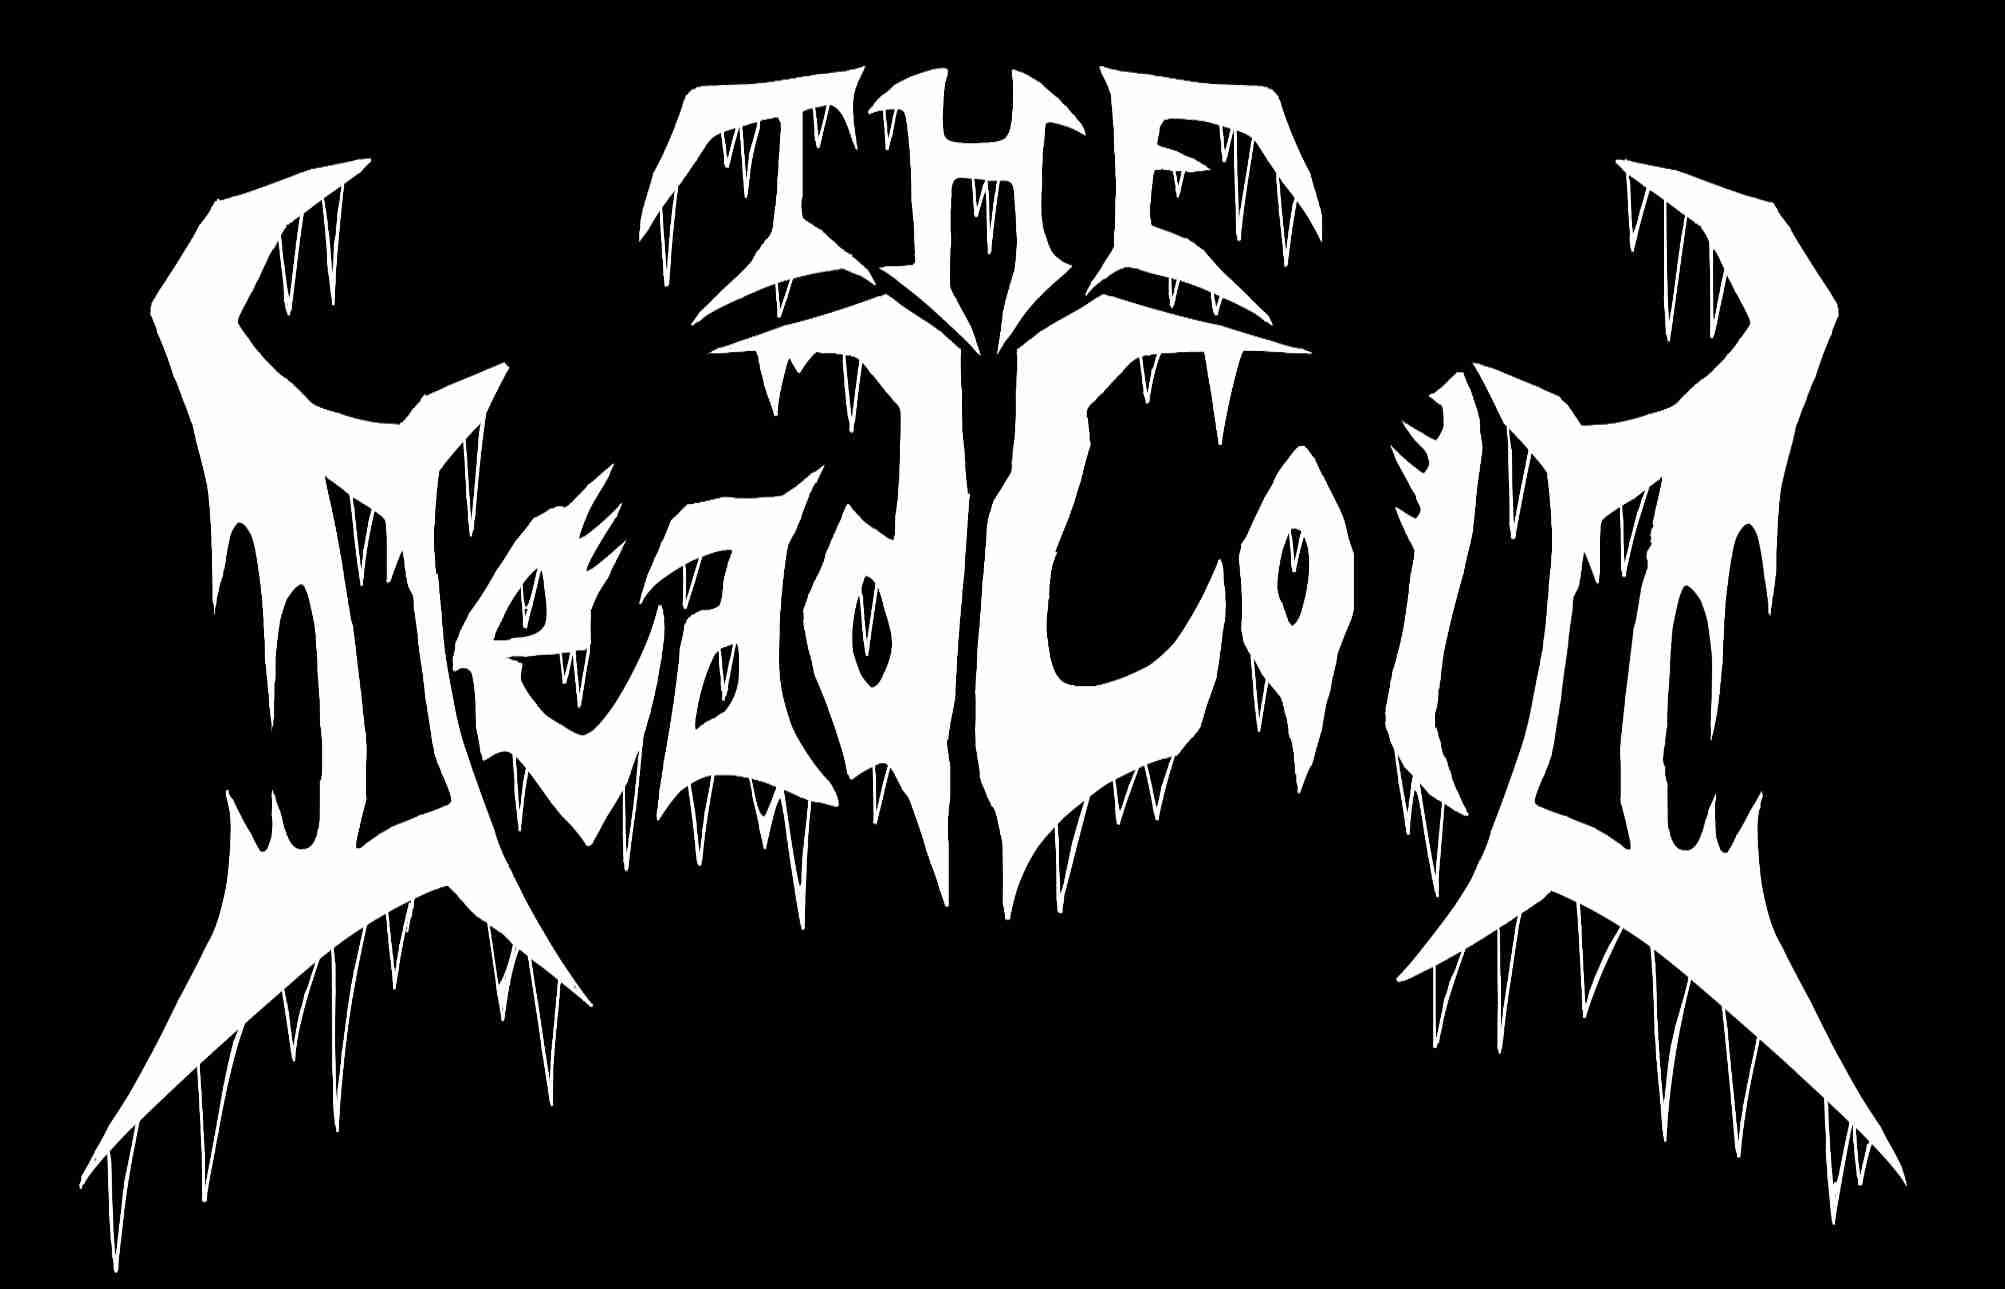 The Dead Cold - Logo